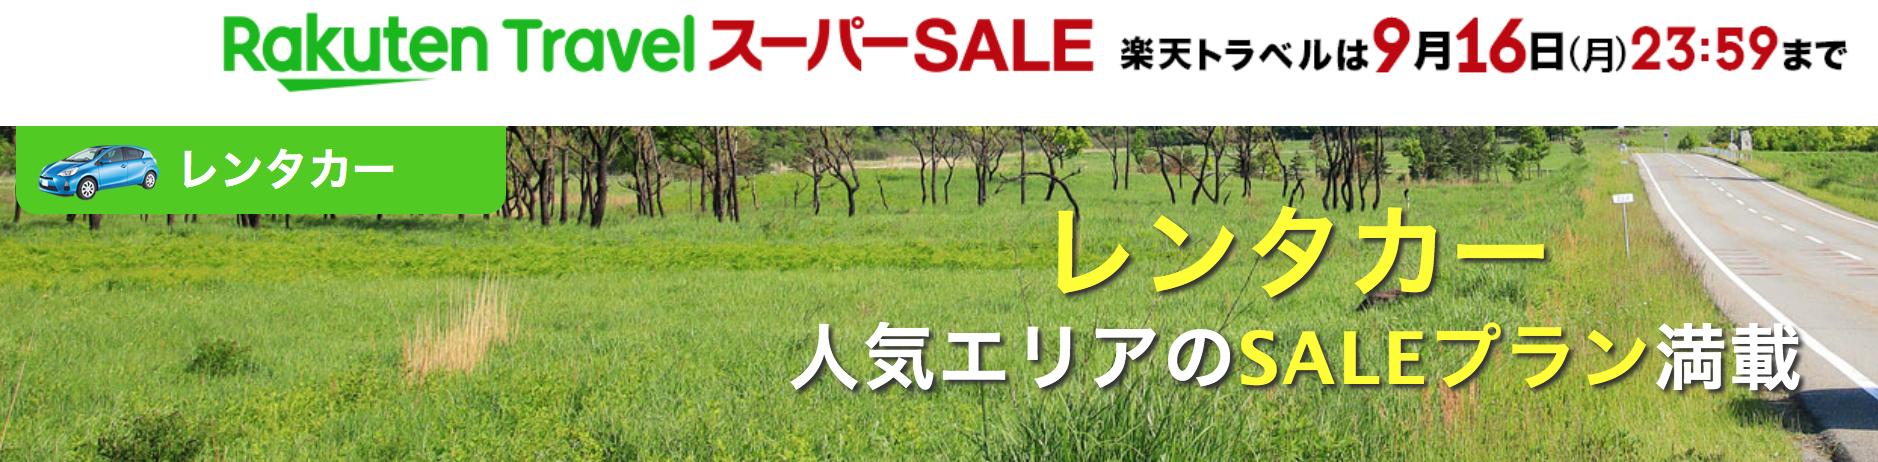 9月16日まで。楽天トラベルスーパーセール。お得な限定クーポン発行!